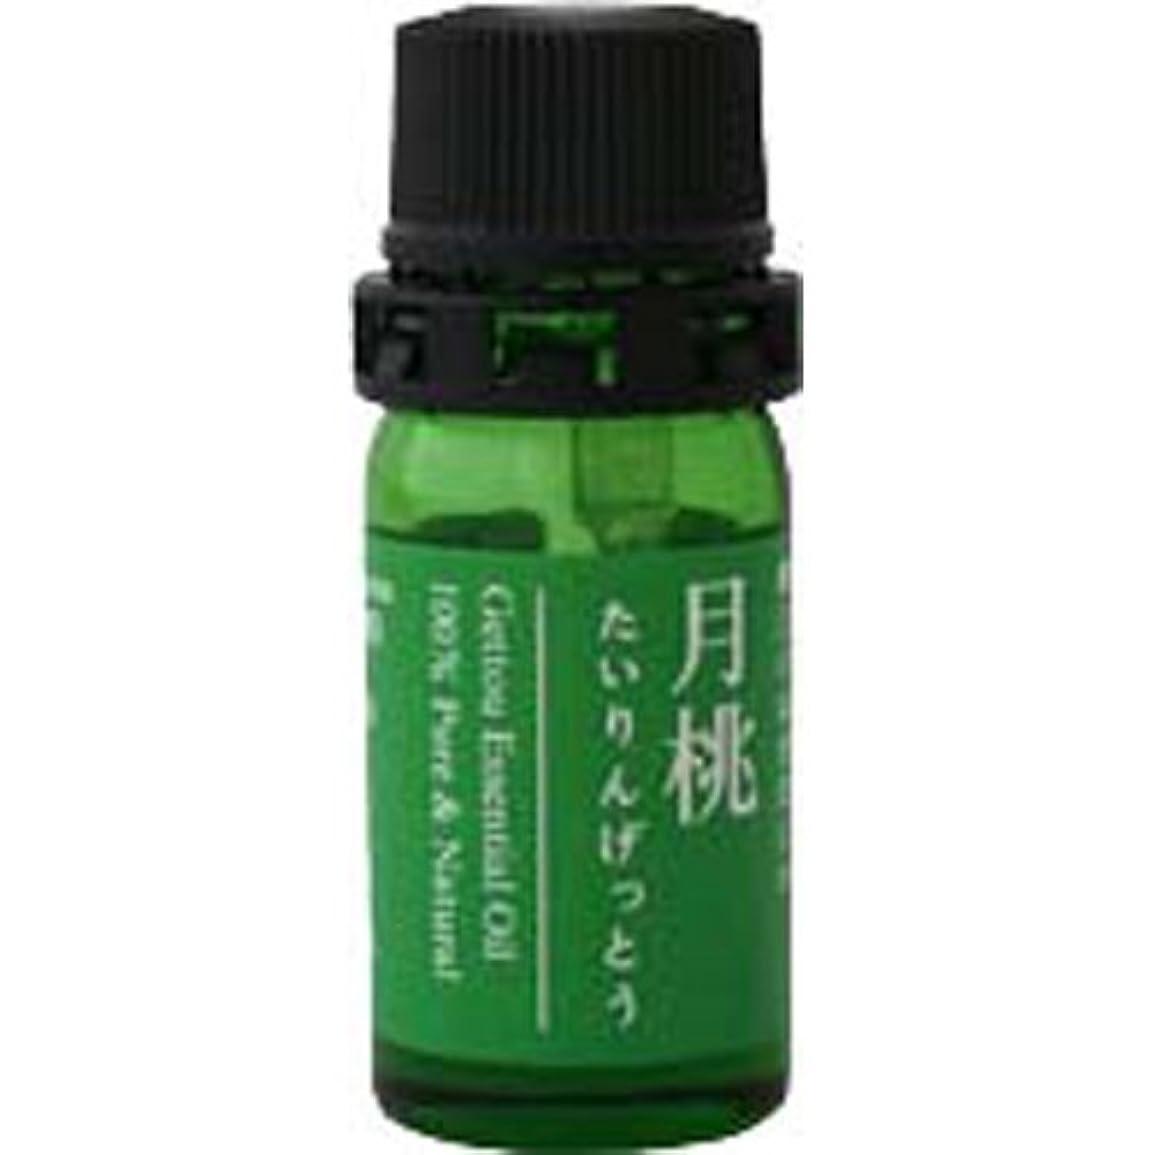 聖人ストライクアッティカス月桃 エッセンシャルオイル (タイリン) 2.5ml